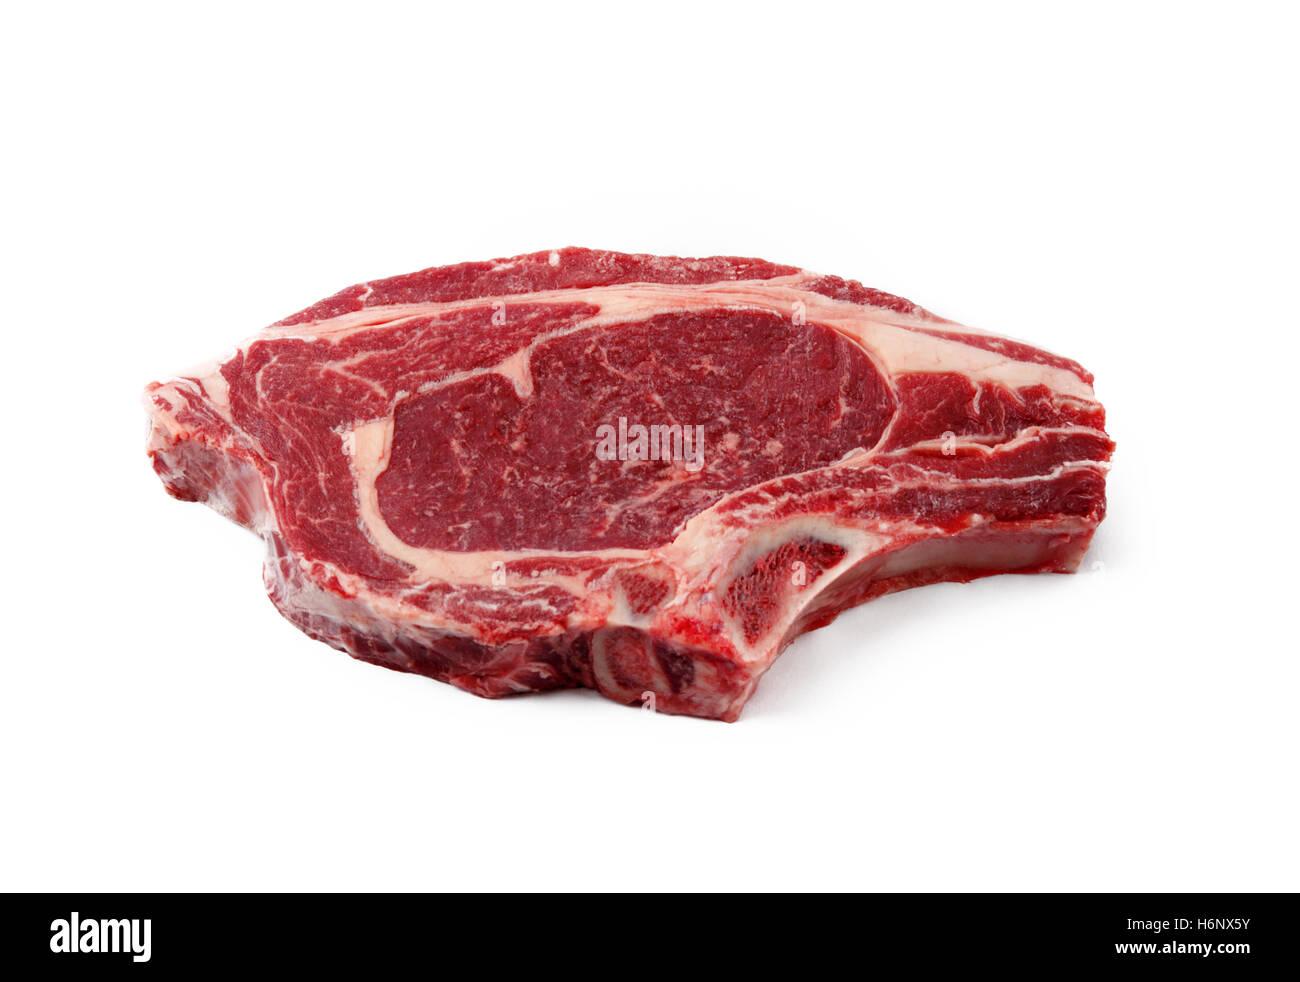 Saftige rote Biofleisch ein Steak auf einem weißen Hintergrund isoliert Stockbild